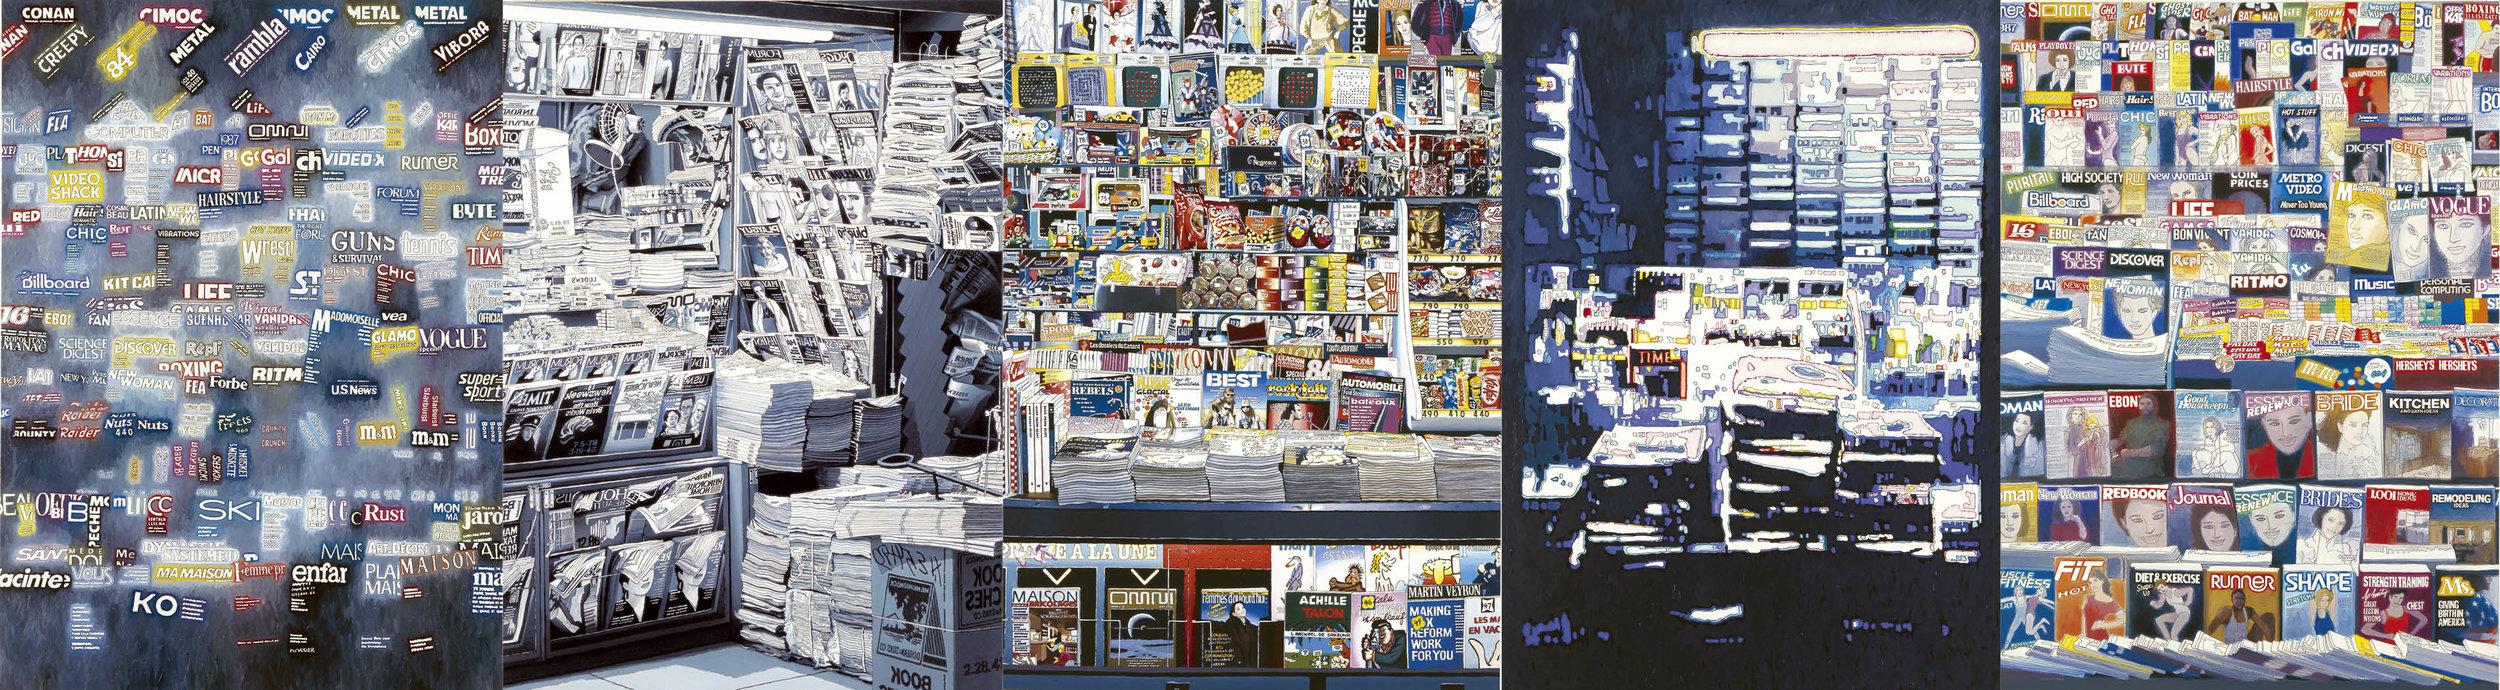 Newsstand No. 38-B